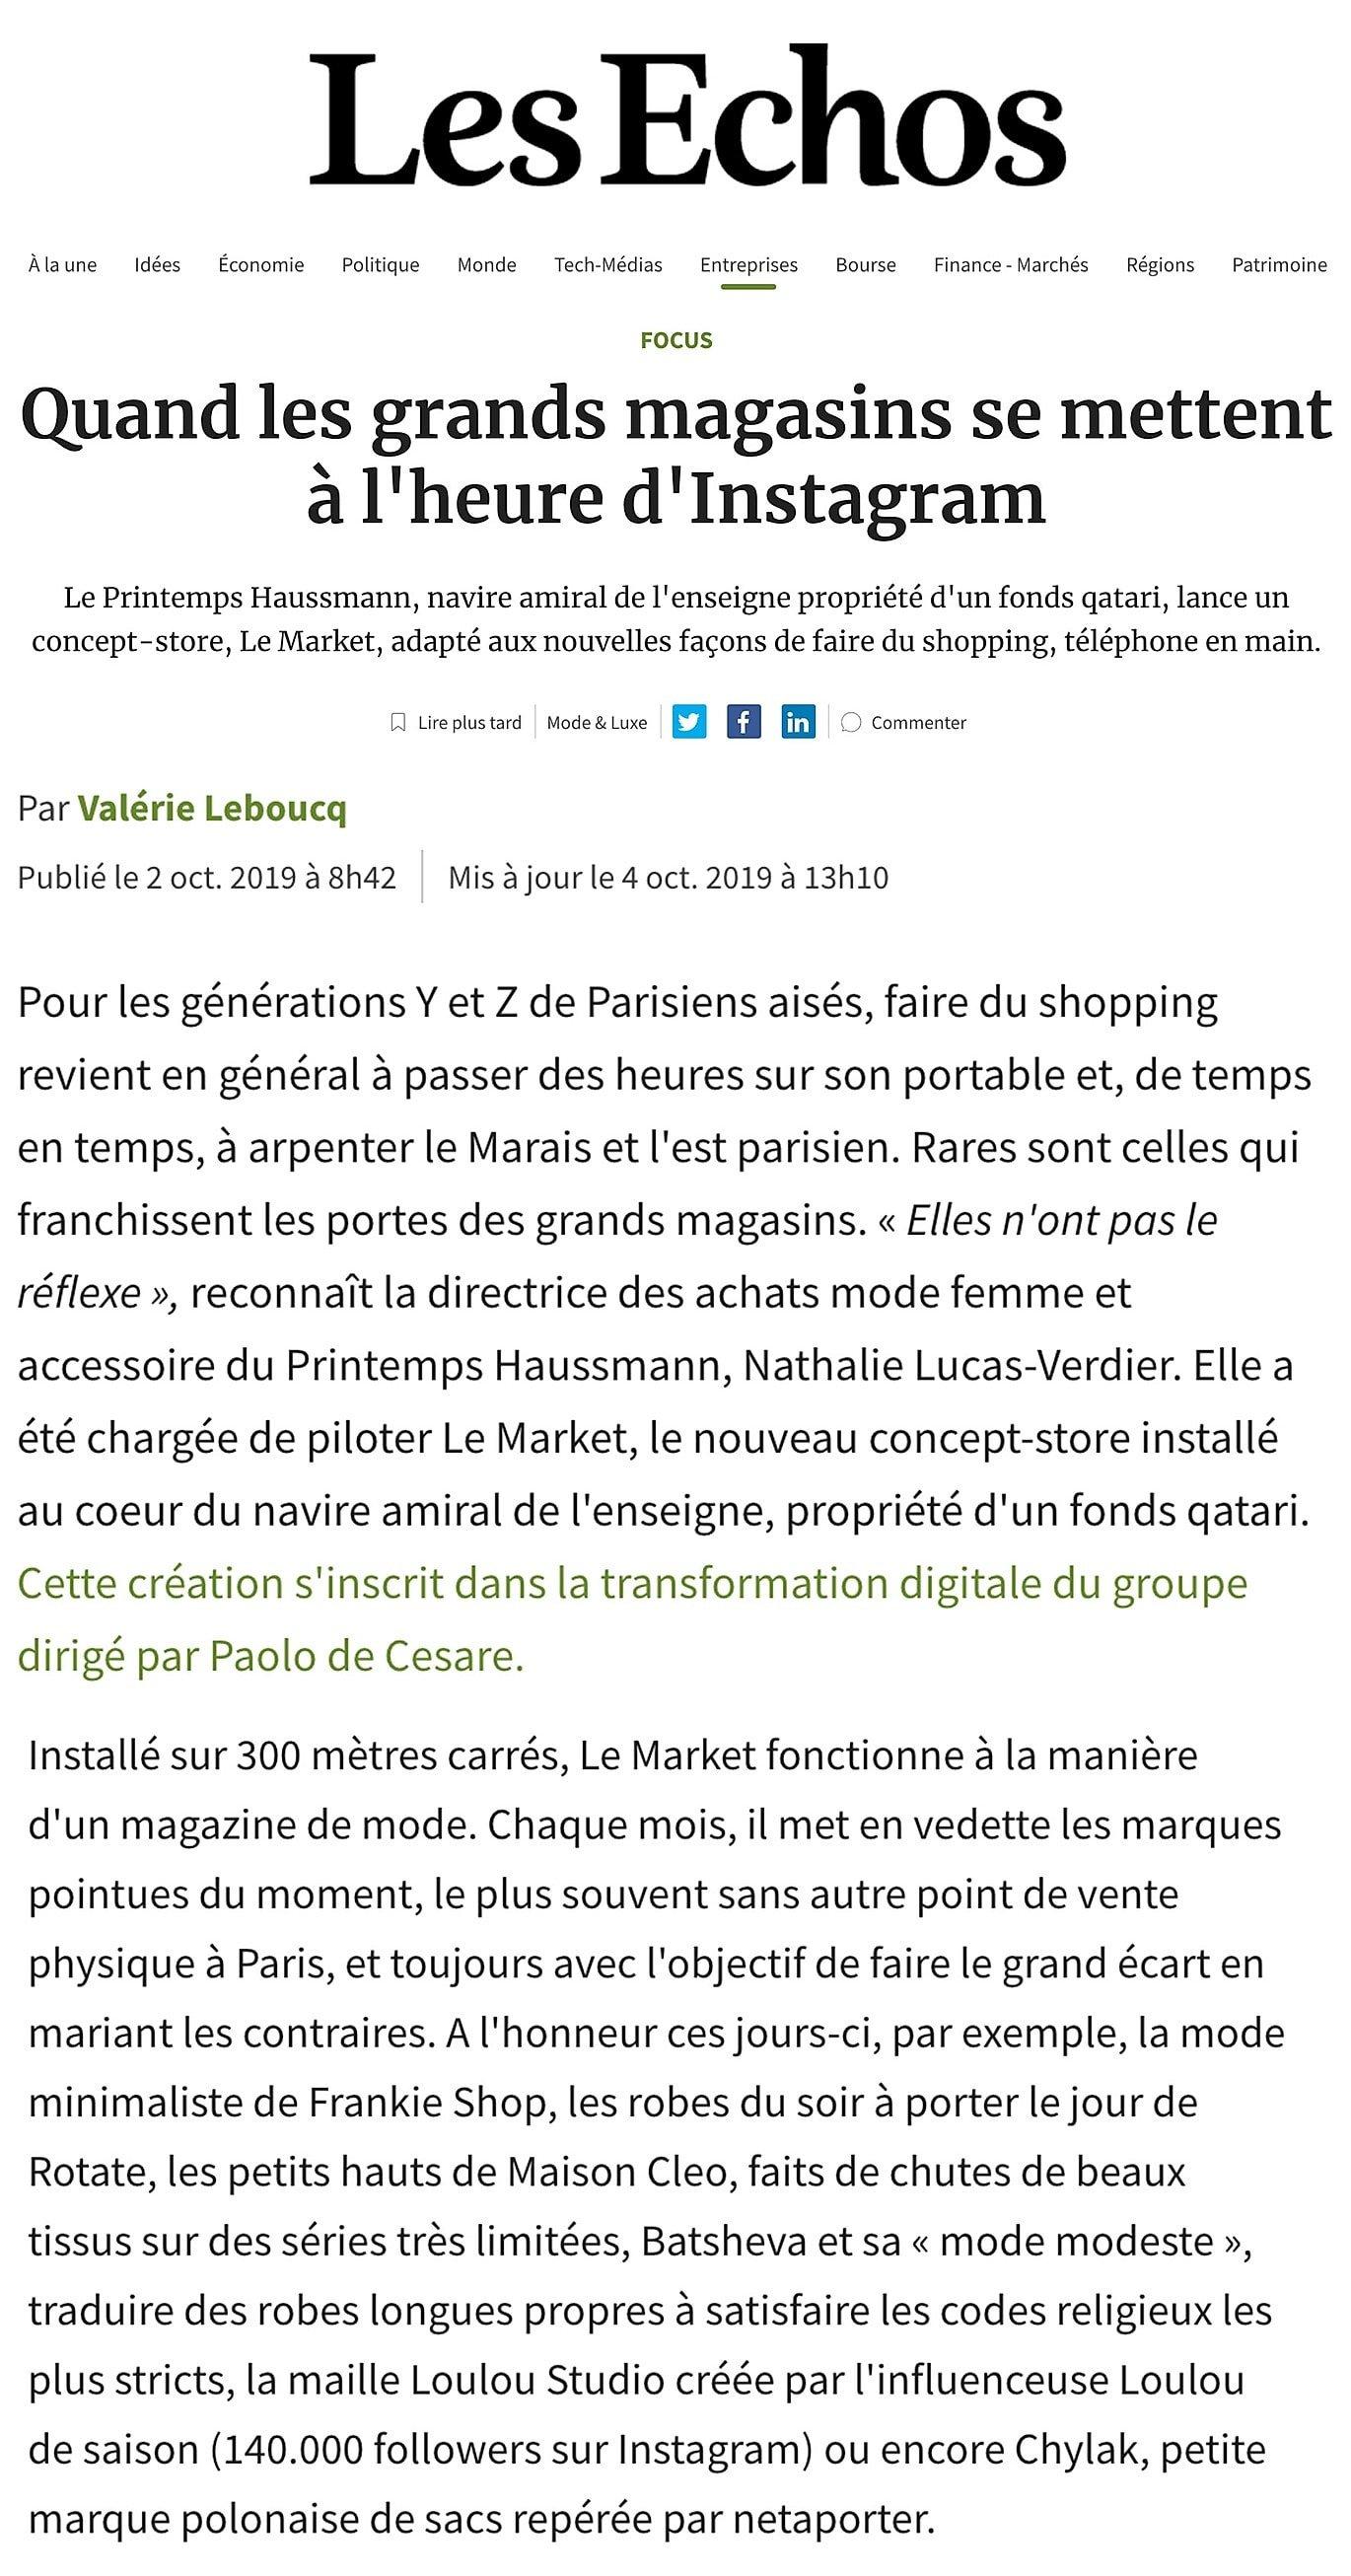 Les echos / MaisonCléo